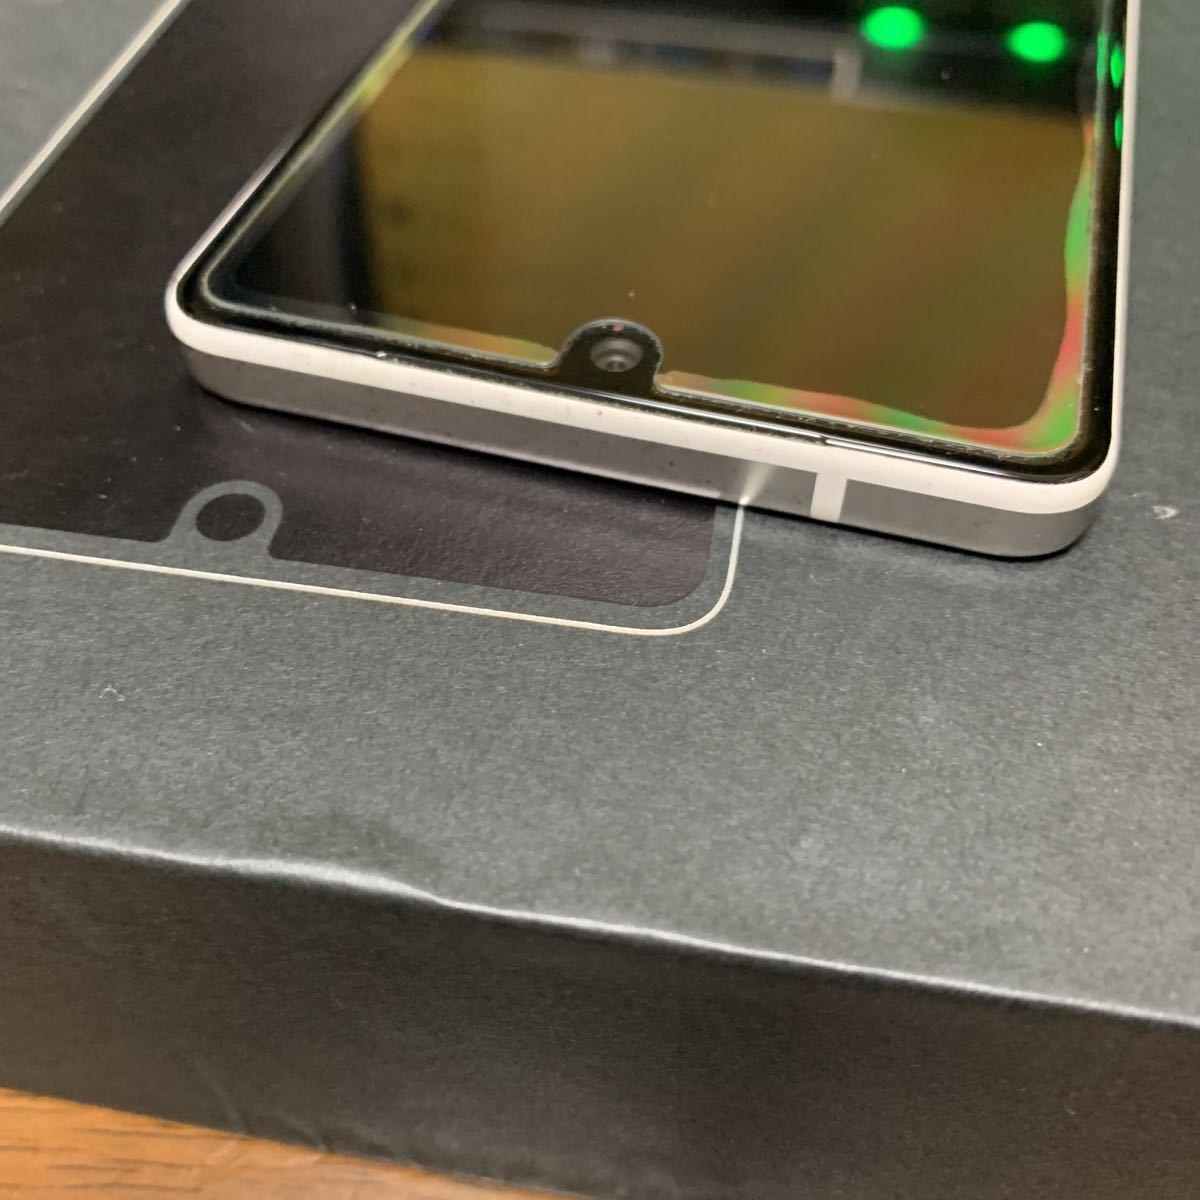 【送料無料・美品】Essential Phone PH-1 SIMフリー版 128 GB / Pure White ピュアホワイト 新品ガラスフィルム付き_画像4